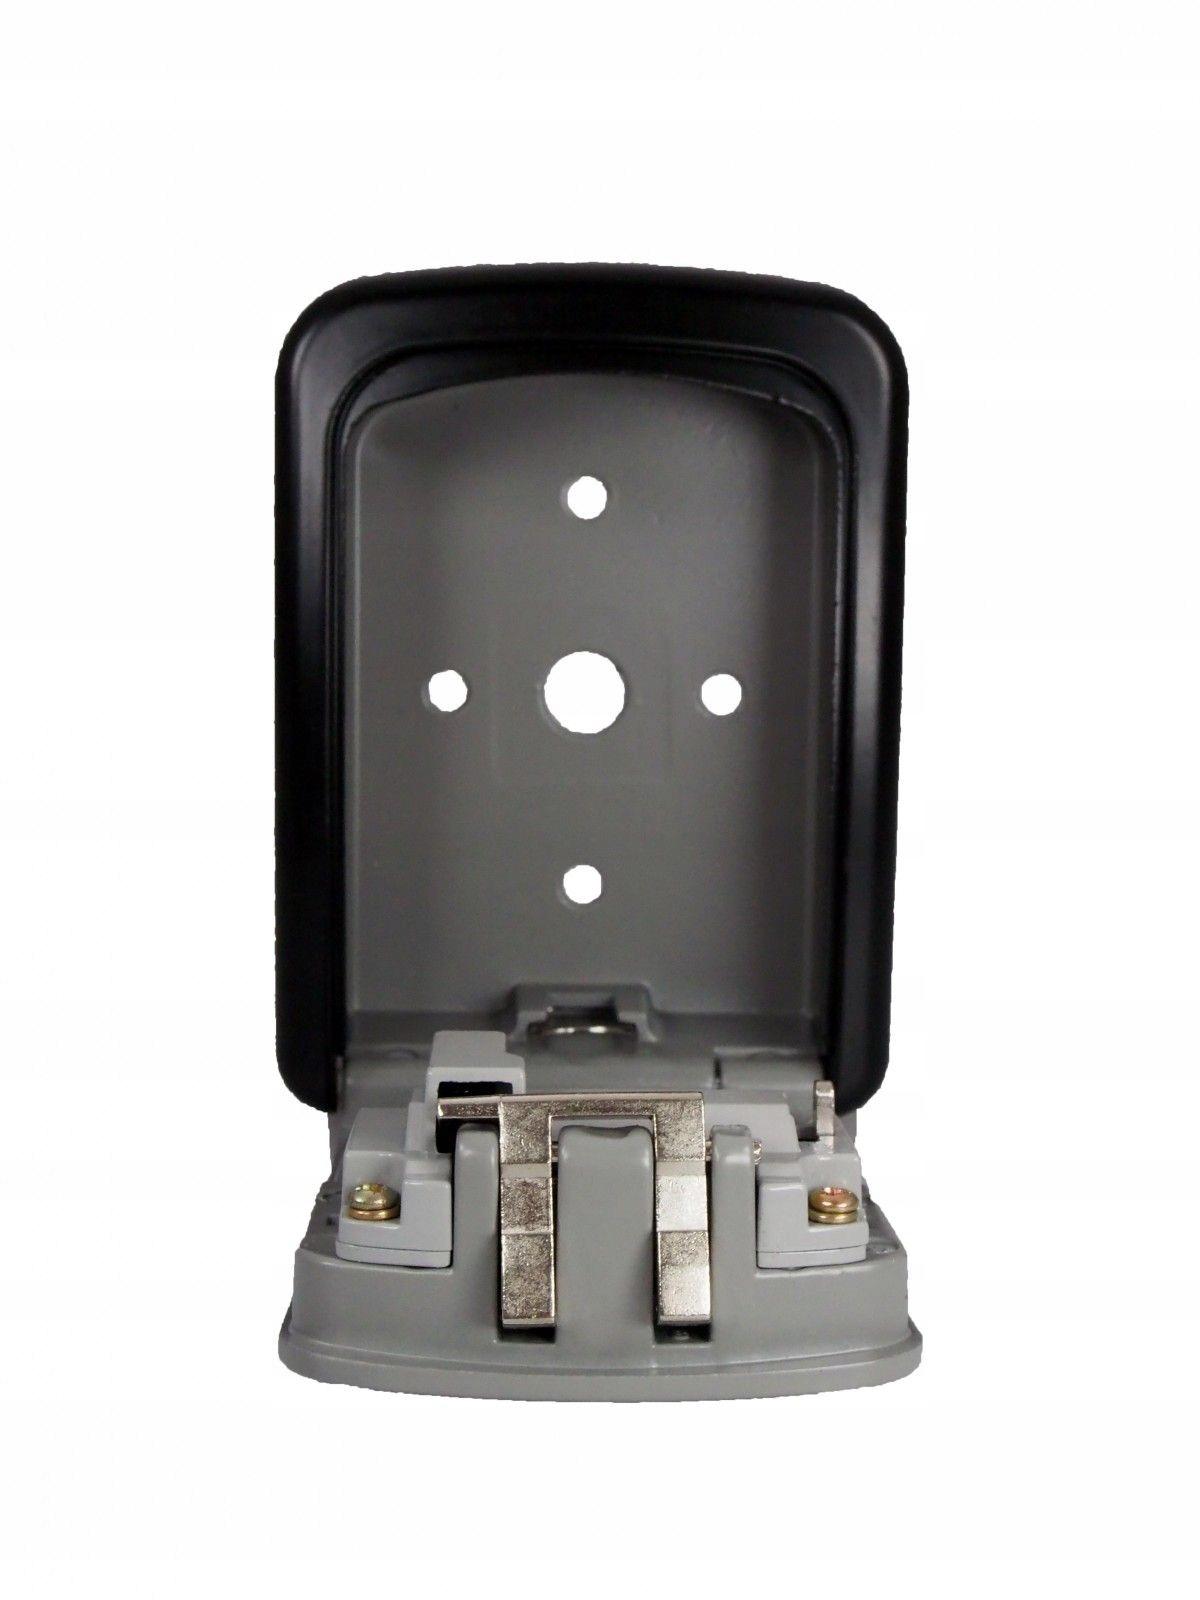 Sejf IBOX ISNK-03 (90mm x 120mm x 35 mm)